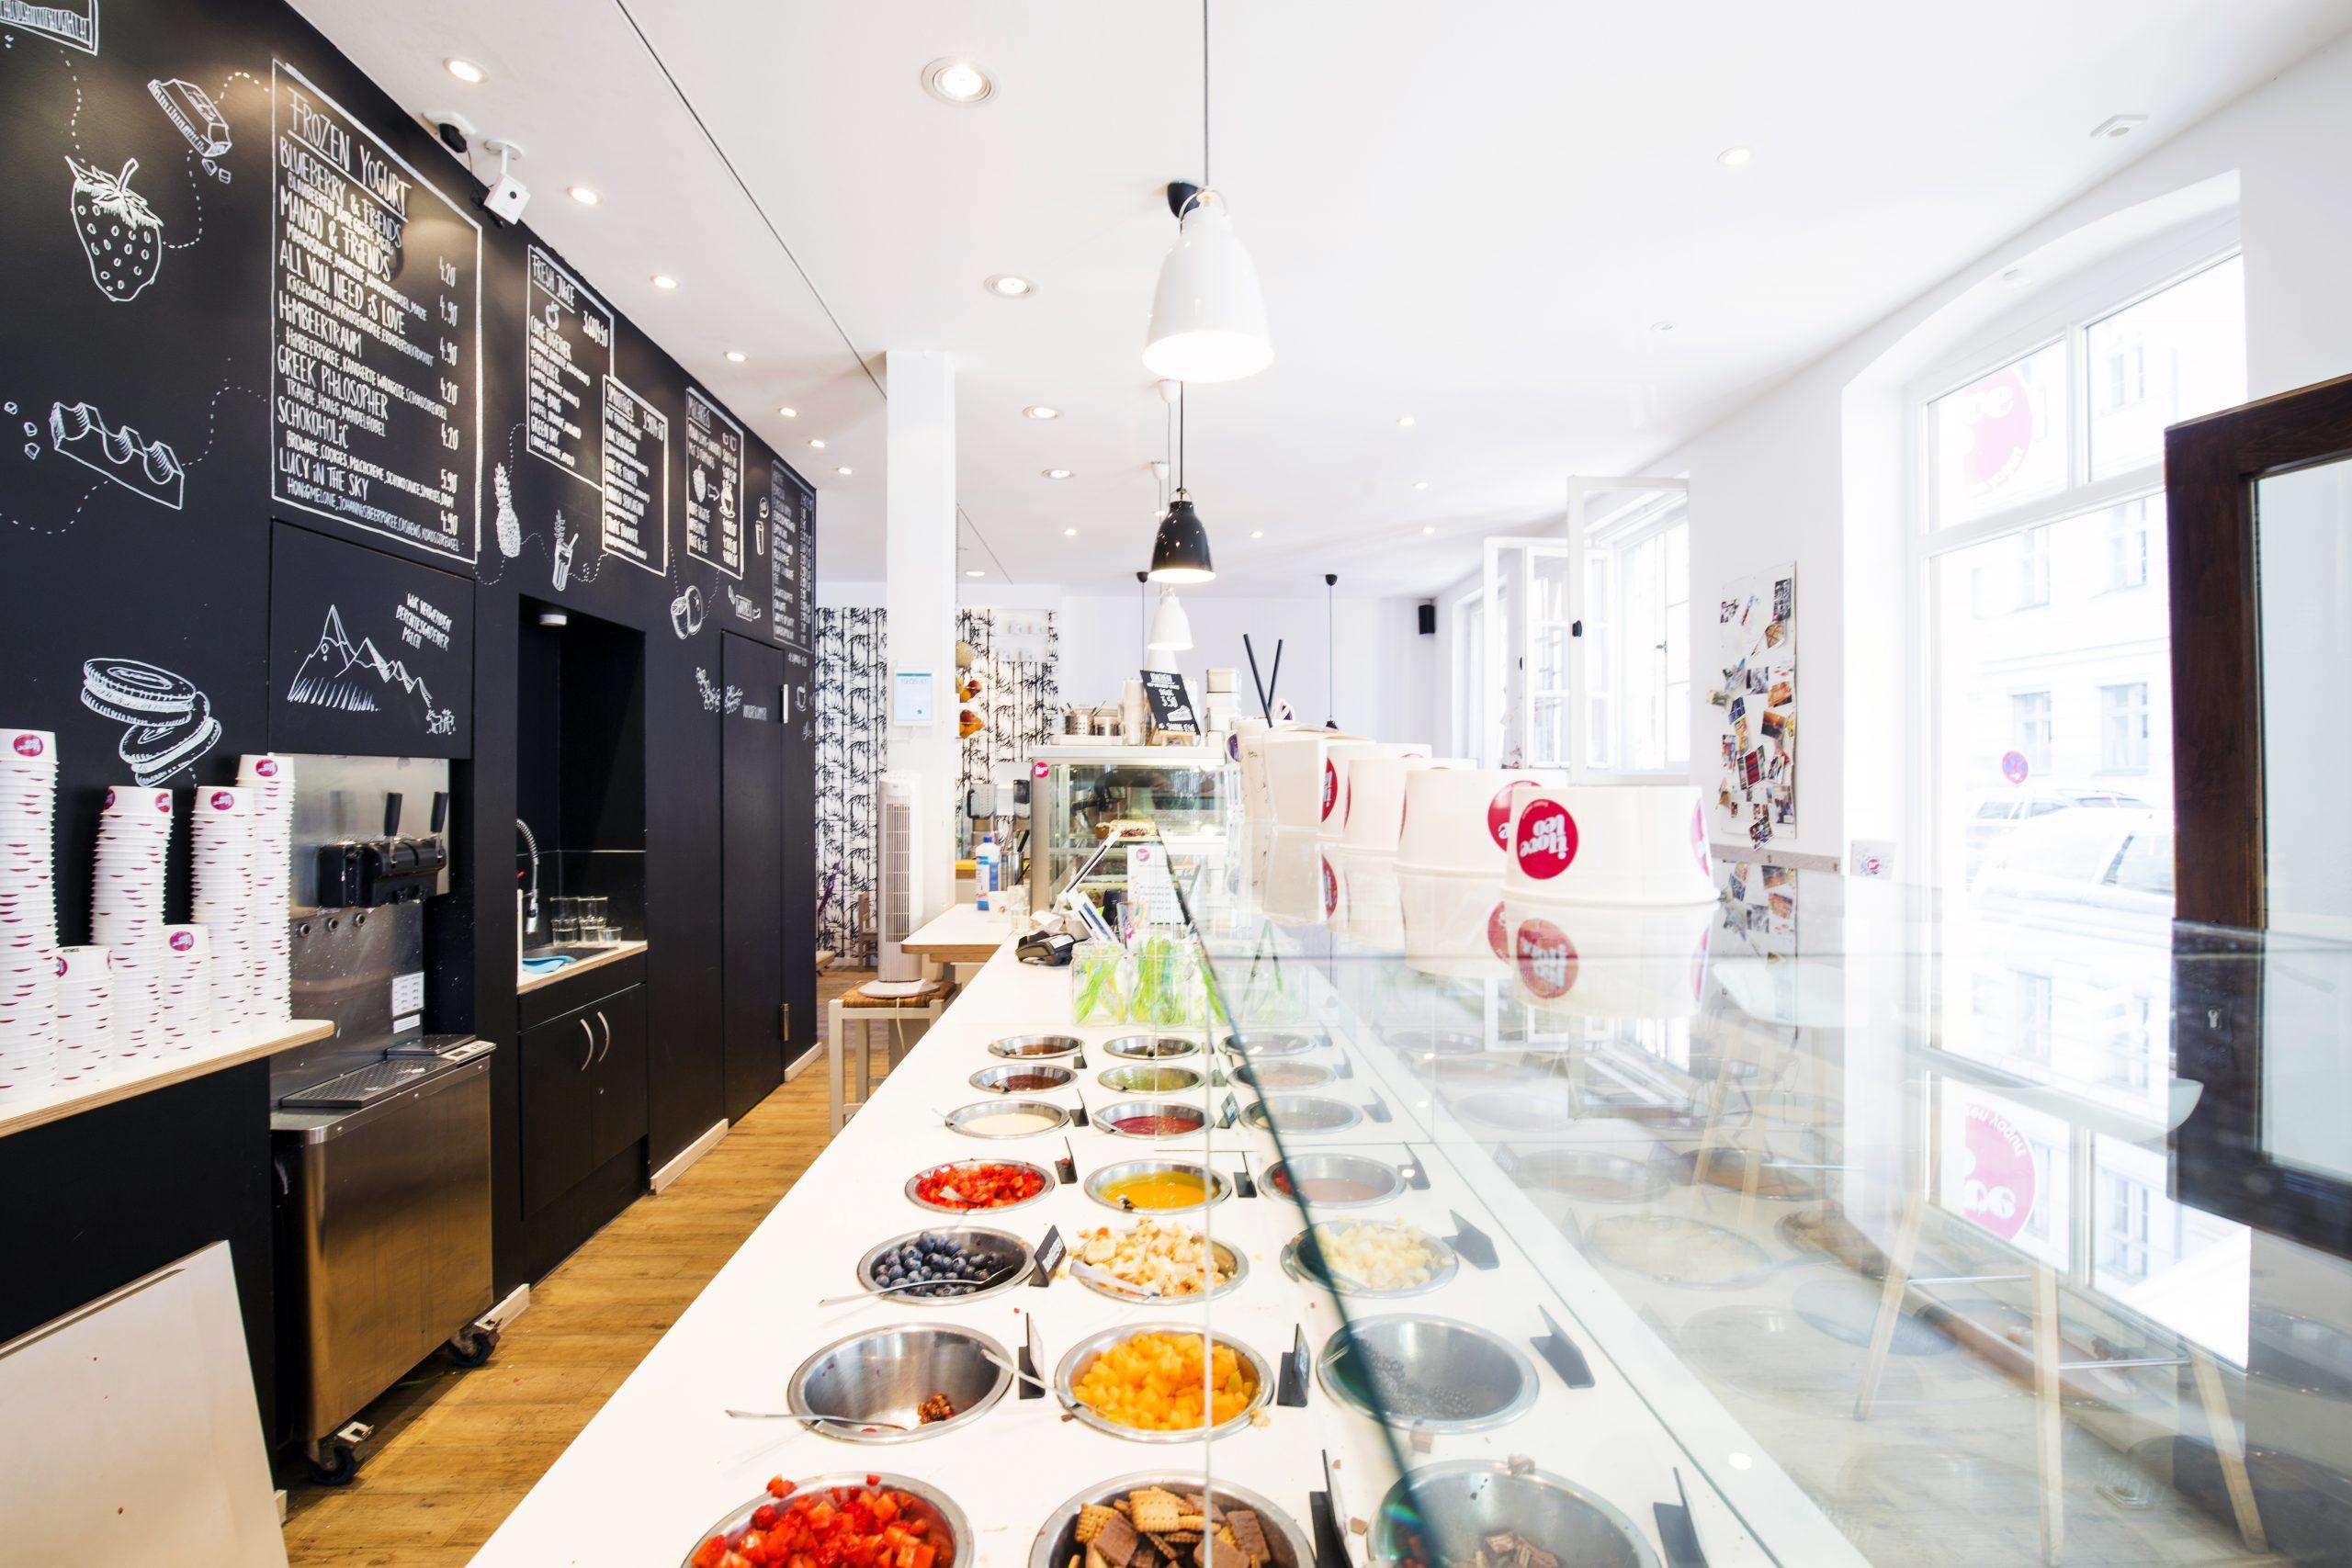 jacob-mayer-voigt-architekt-interior-design-gastronomie